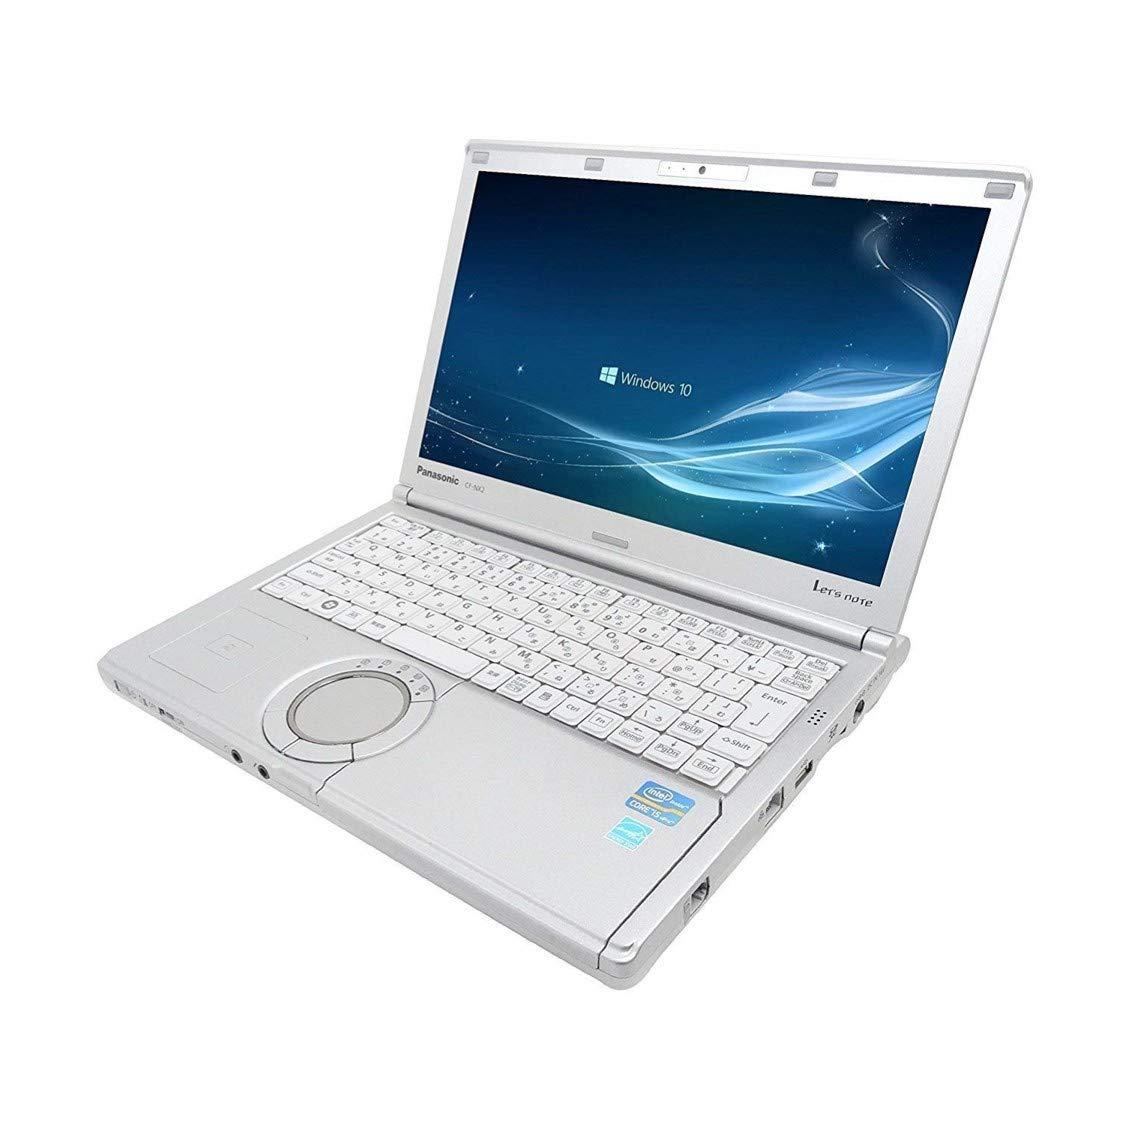 独特の上品 【Microsoft 新品SSD:240GB Office 2016搭載】【Win 10搭載 i5-3320M】Panasonic CF-NX2 CF-NX2/第三世代Core/第三世代Core i5-3320M 2.6GHz/メモリ8GB/新品SSD:240GB/12インチワイド液晶/無線搭載/HDMI/USB3.0/中古ノートパソコン (新品SSD:240GB) B01N9LWJWL 新品SSD:240GB, リコロshop:481c3551 --- arbimovel.dominiotemporario.com